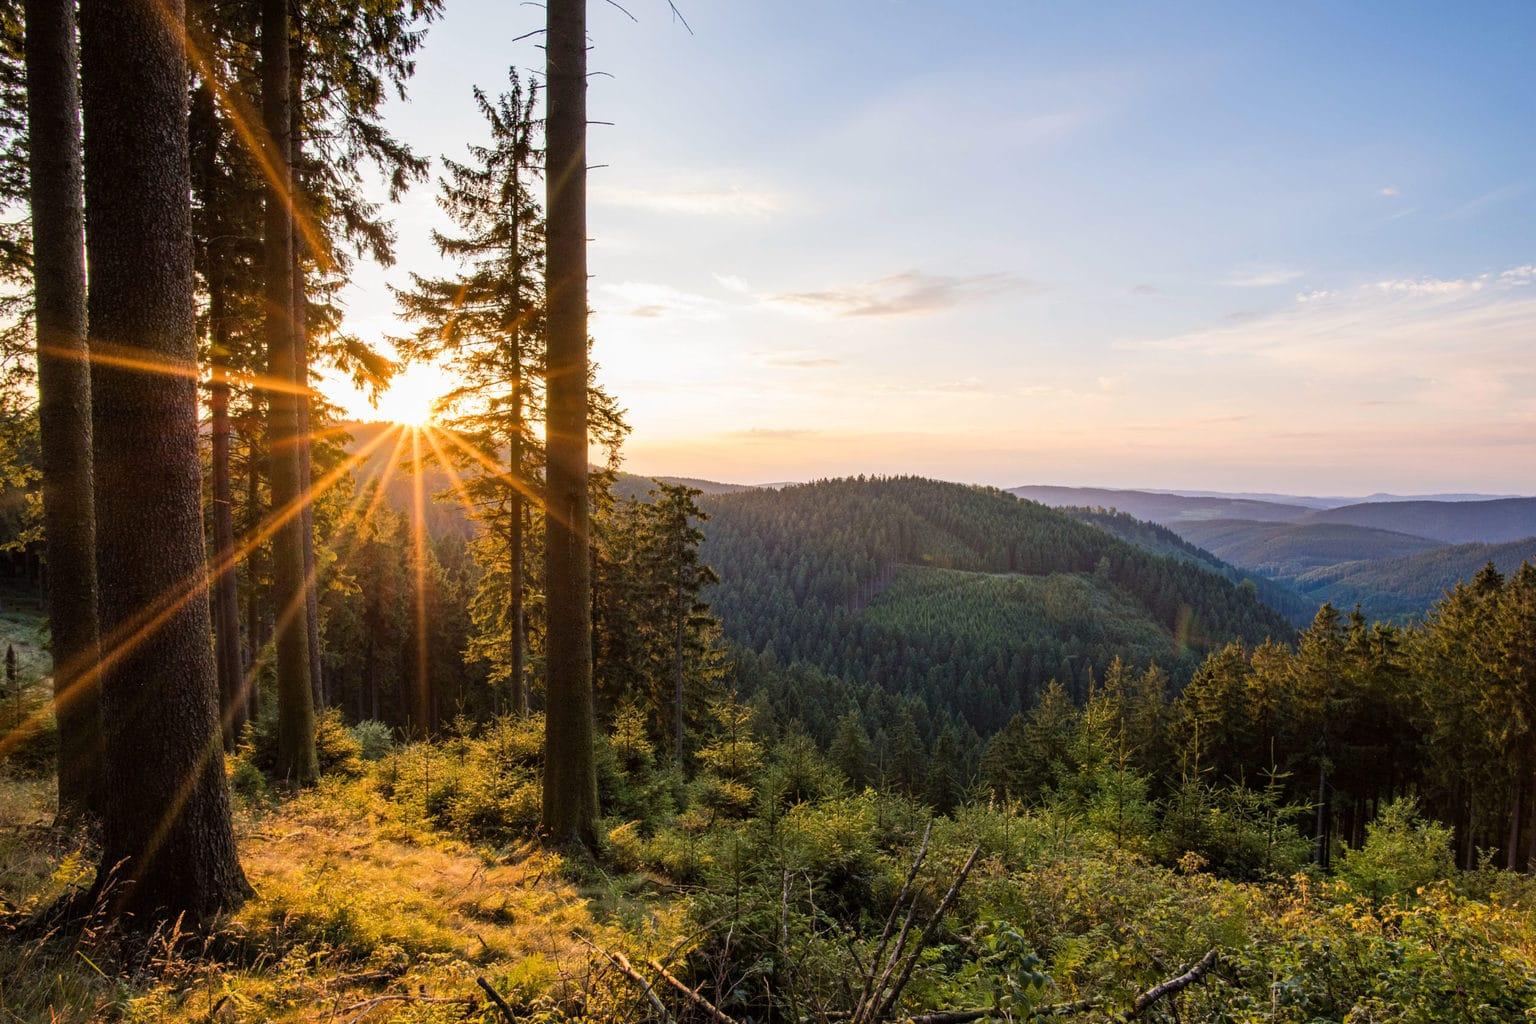 Schitterend uitzicht op het Rothaargebergte in he Duitse Sauerland met zonsondergang